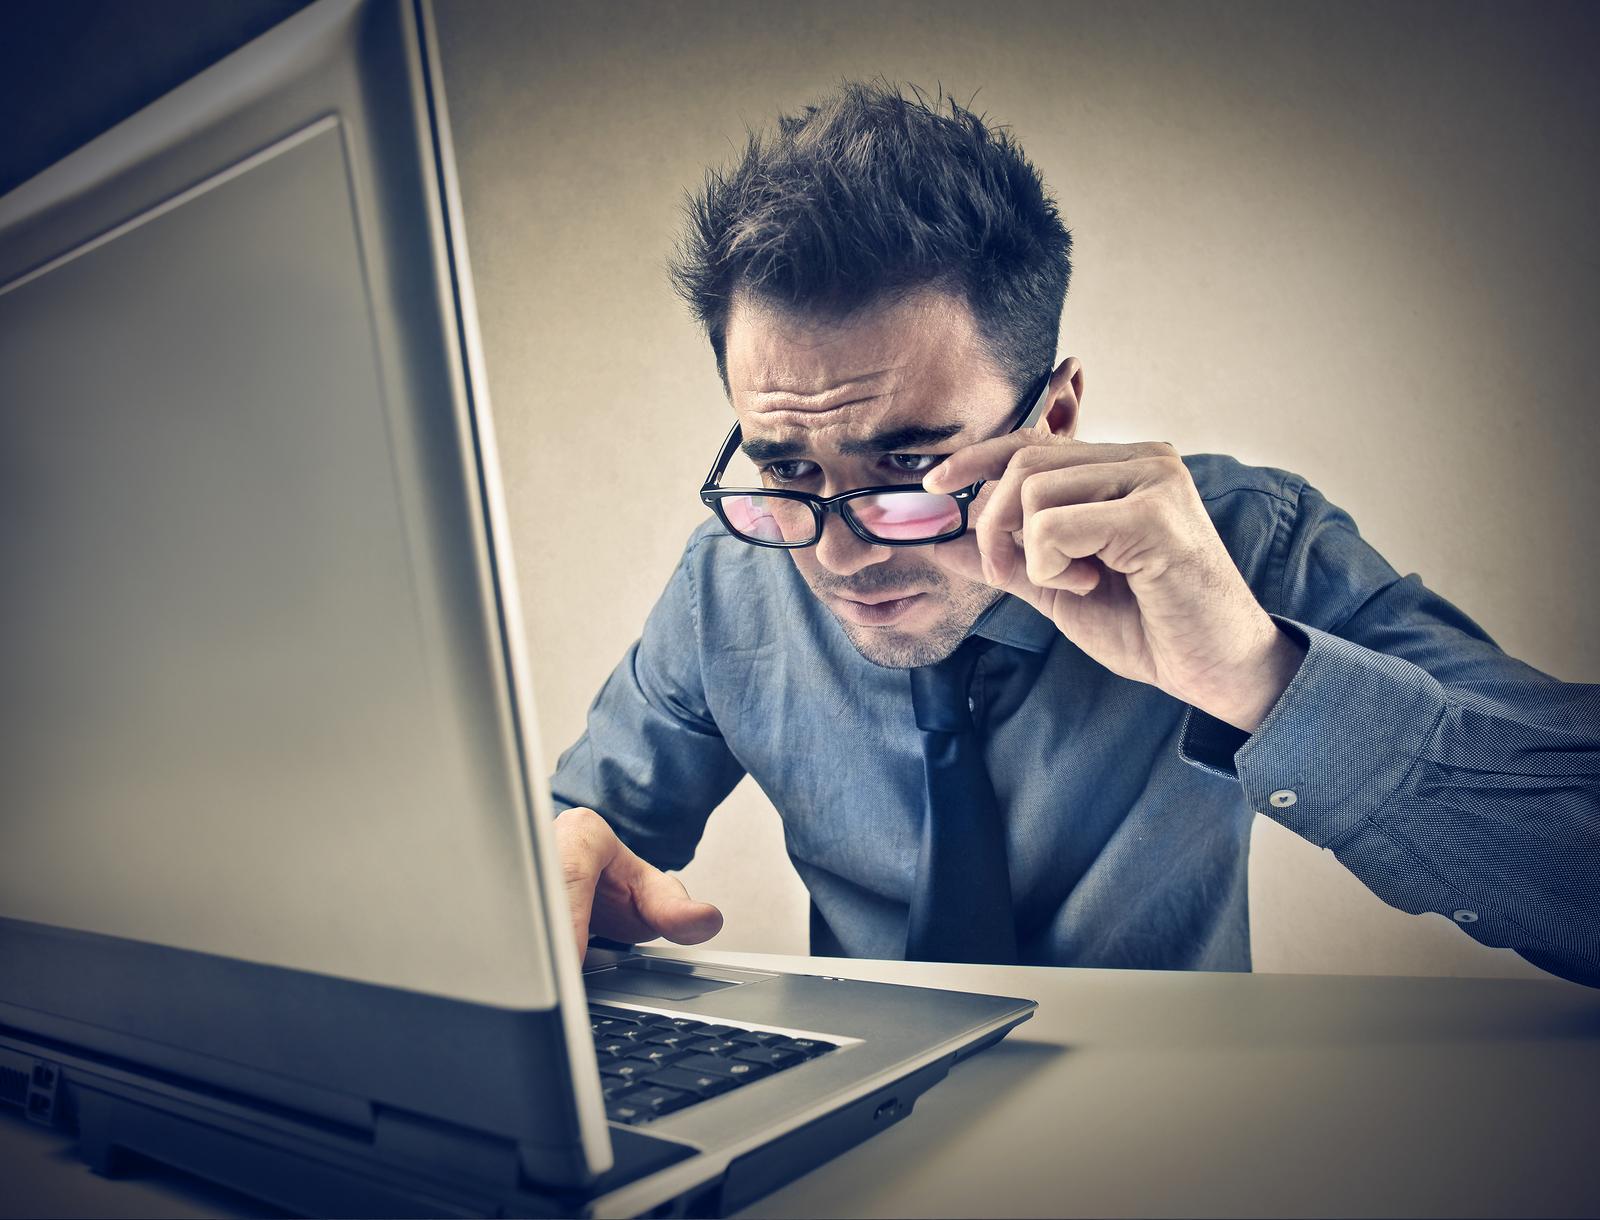 Postura incorrecta para trabajar delante del ordenador